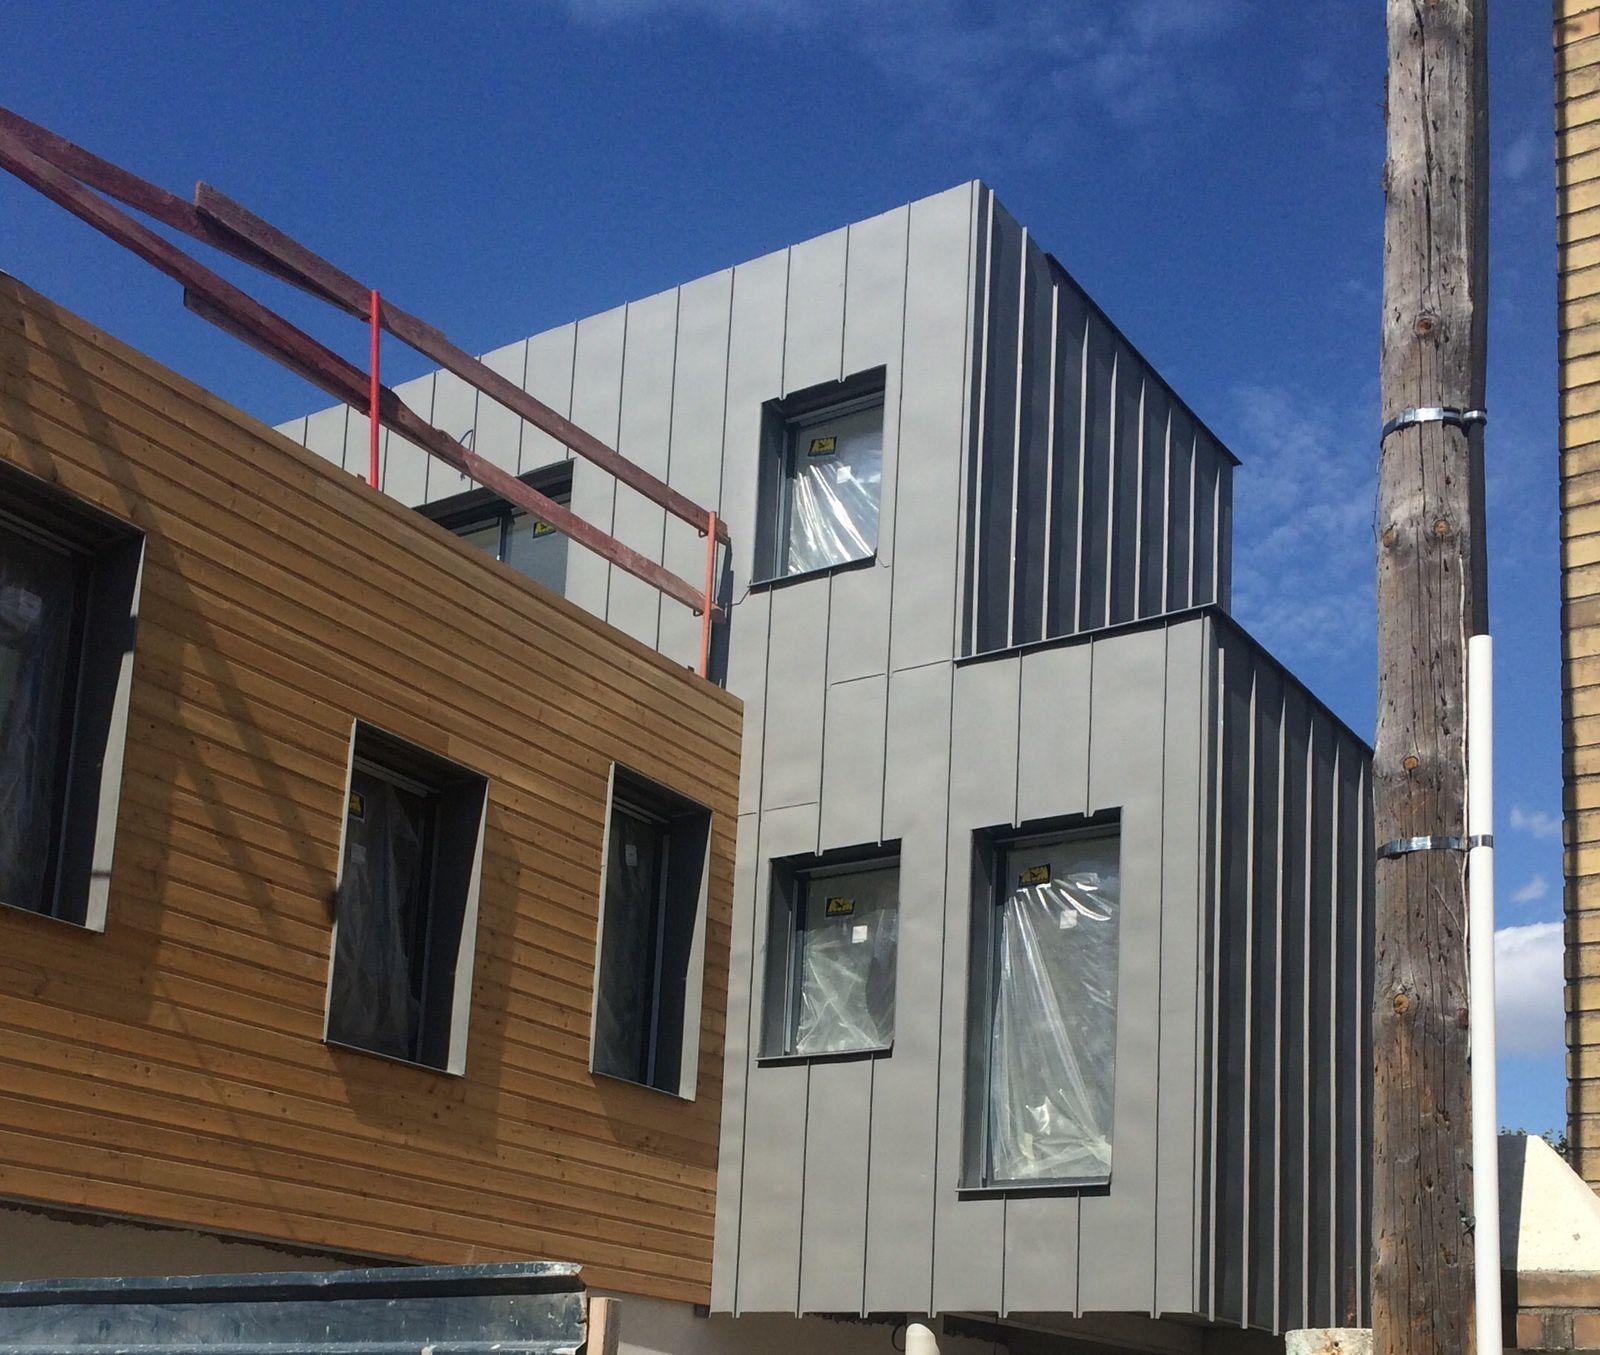 projet en cours extension et sur l vation d 39 une maison individuelle 92700 colombes omar. Black Bedroom Furniture Sets. Home Design Ideas